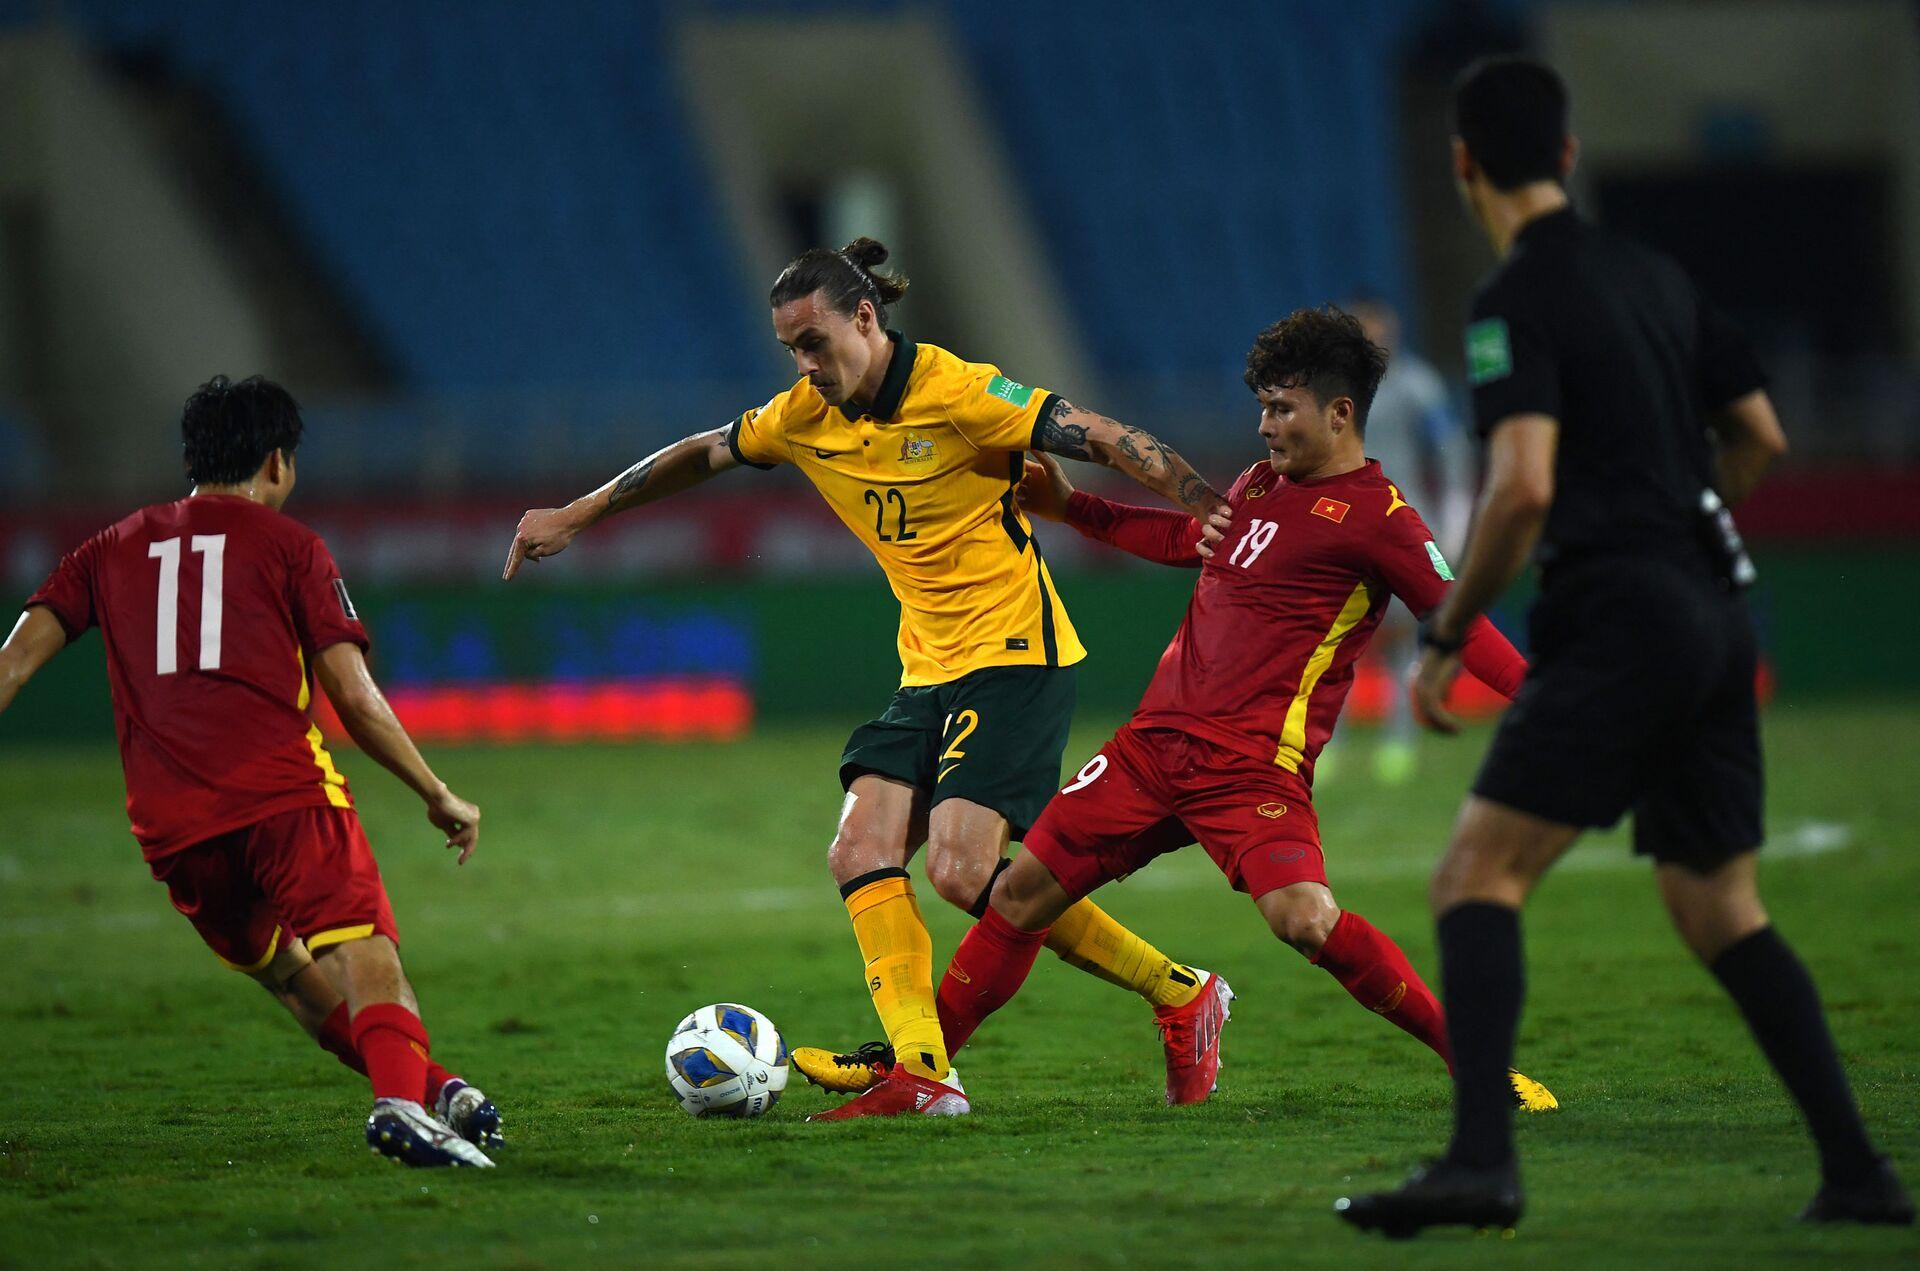 Trận đấu giữa tuyển Việt Nam và Australia trong khuôn khổ vòng loại World Cup 2022 khu vực châu Á - Sputnik Việt Nam, 1920, 05.10.2021